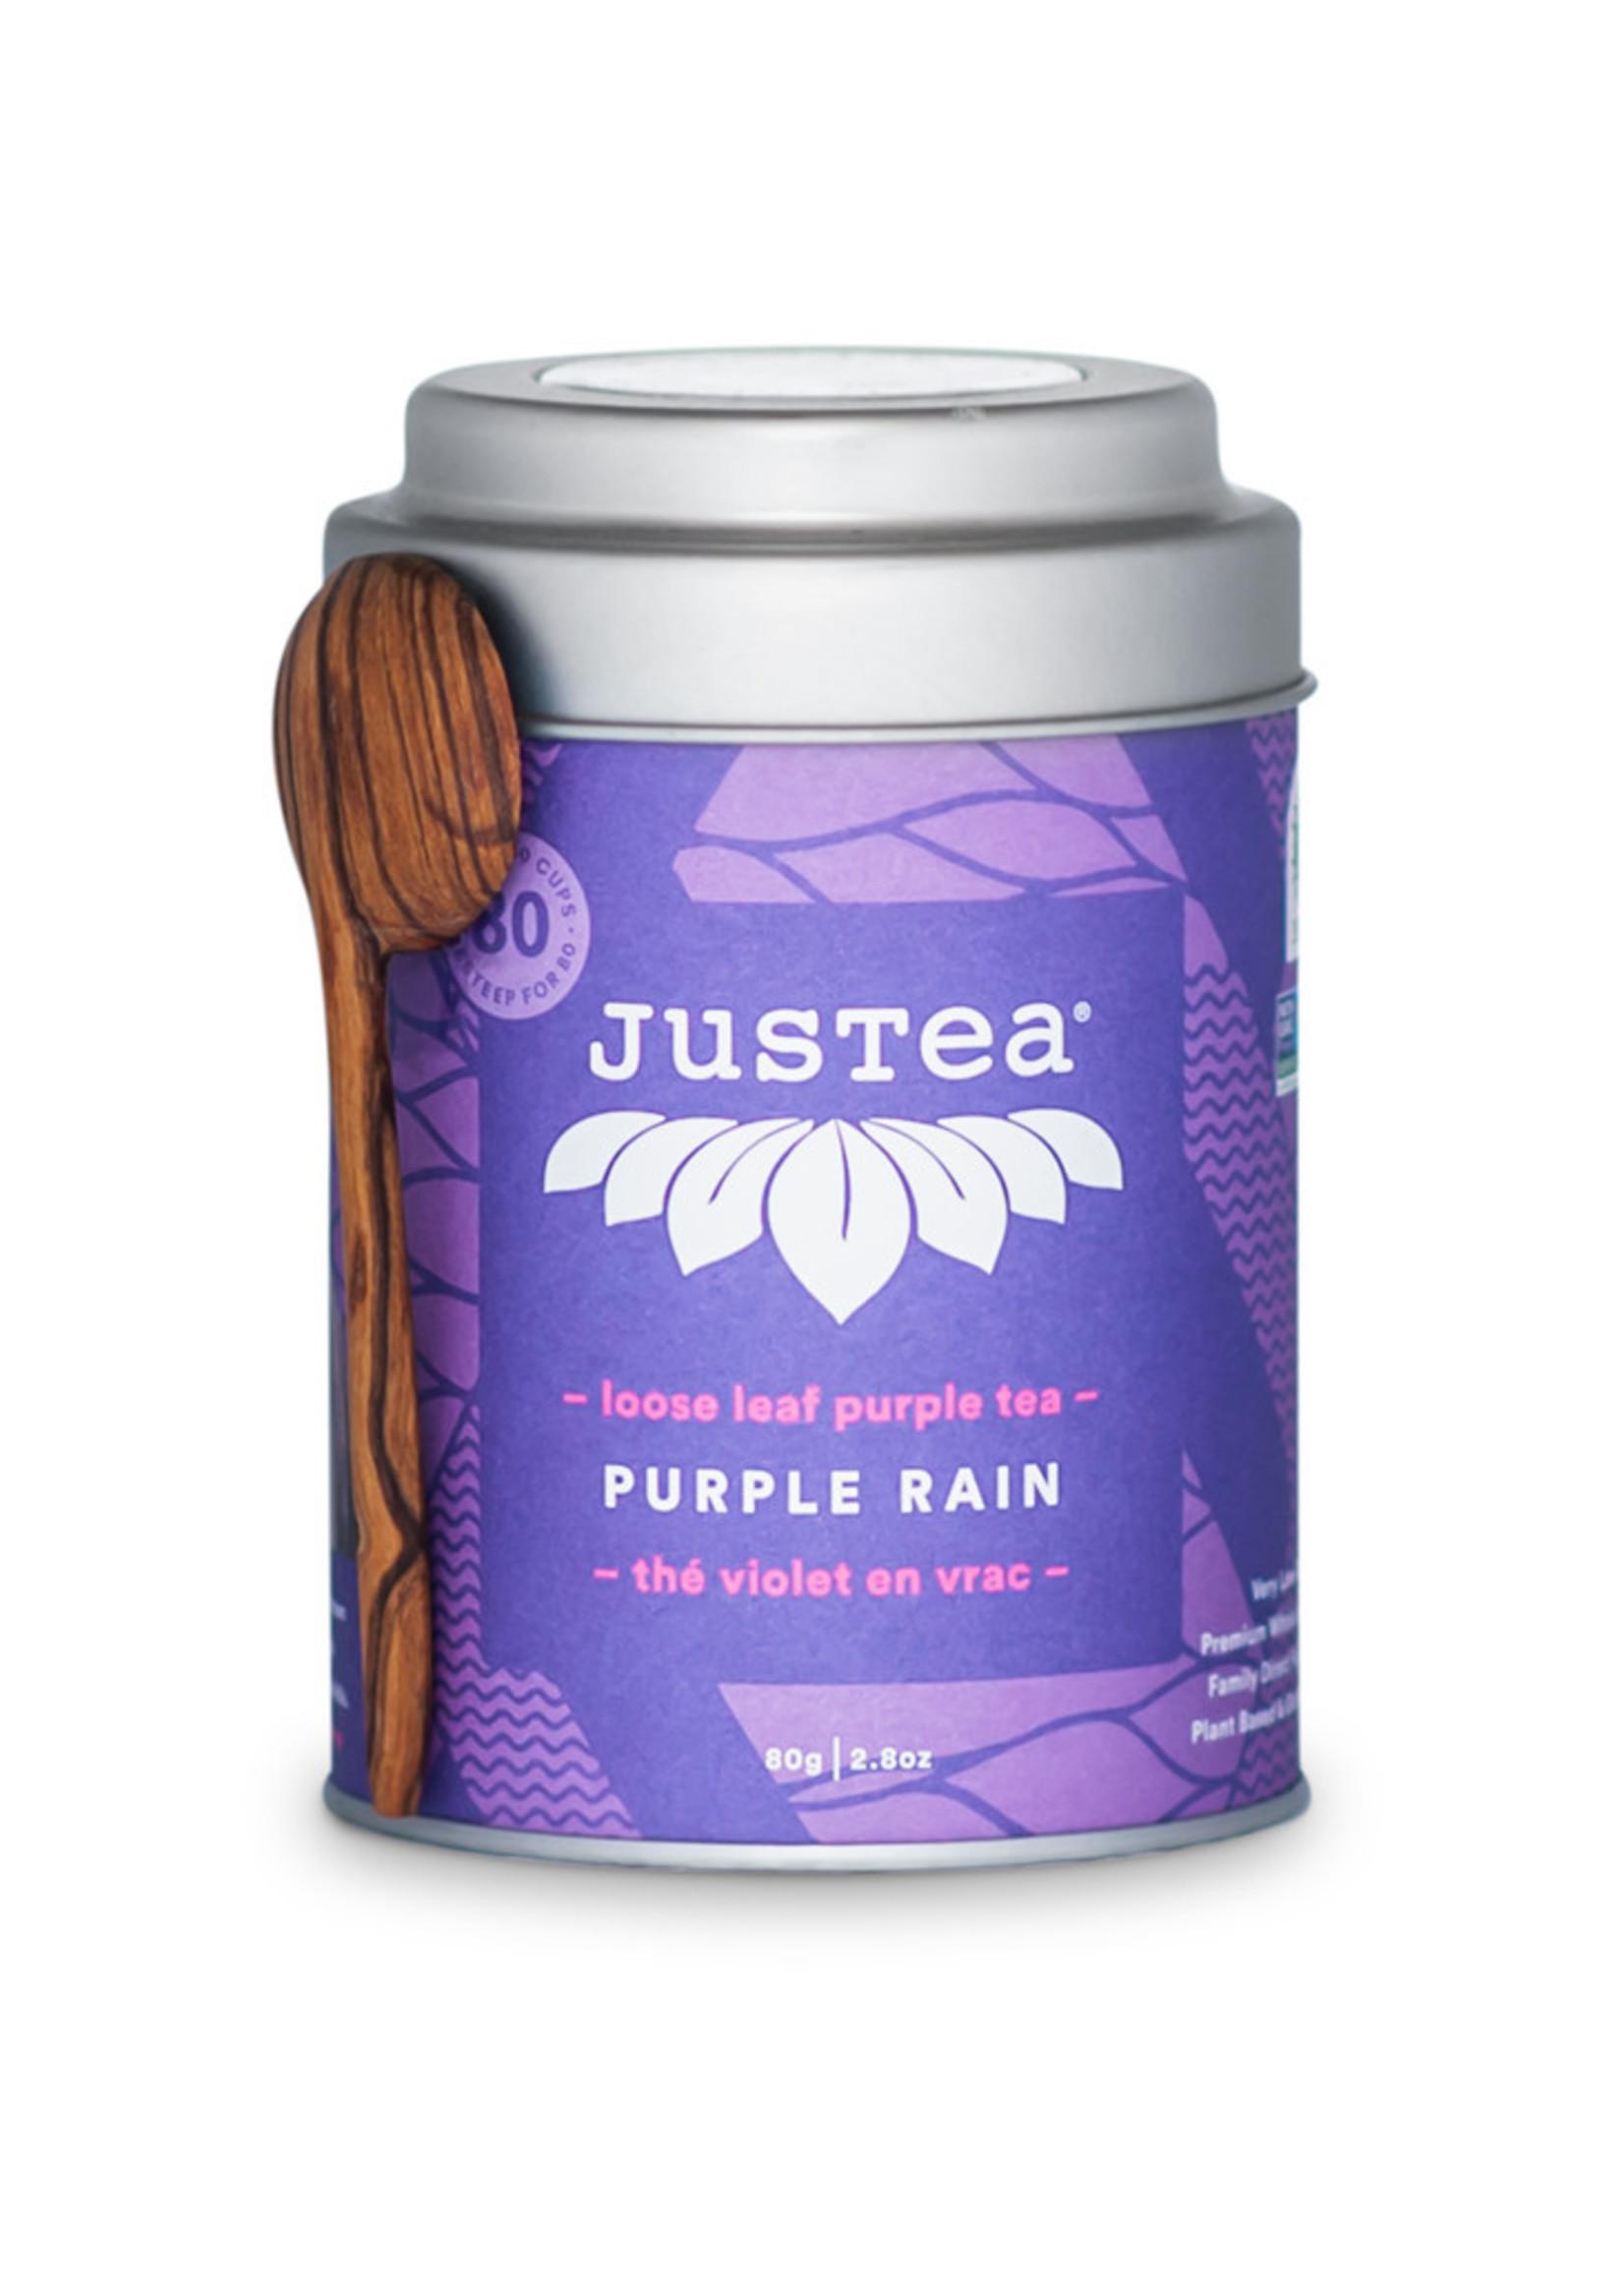 JusTea Loose Leaf Tea - Purple Rain